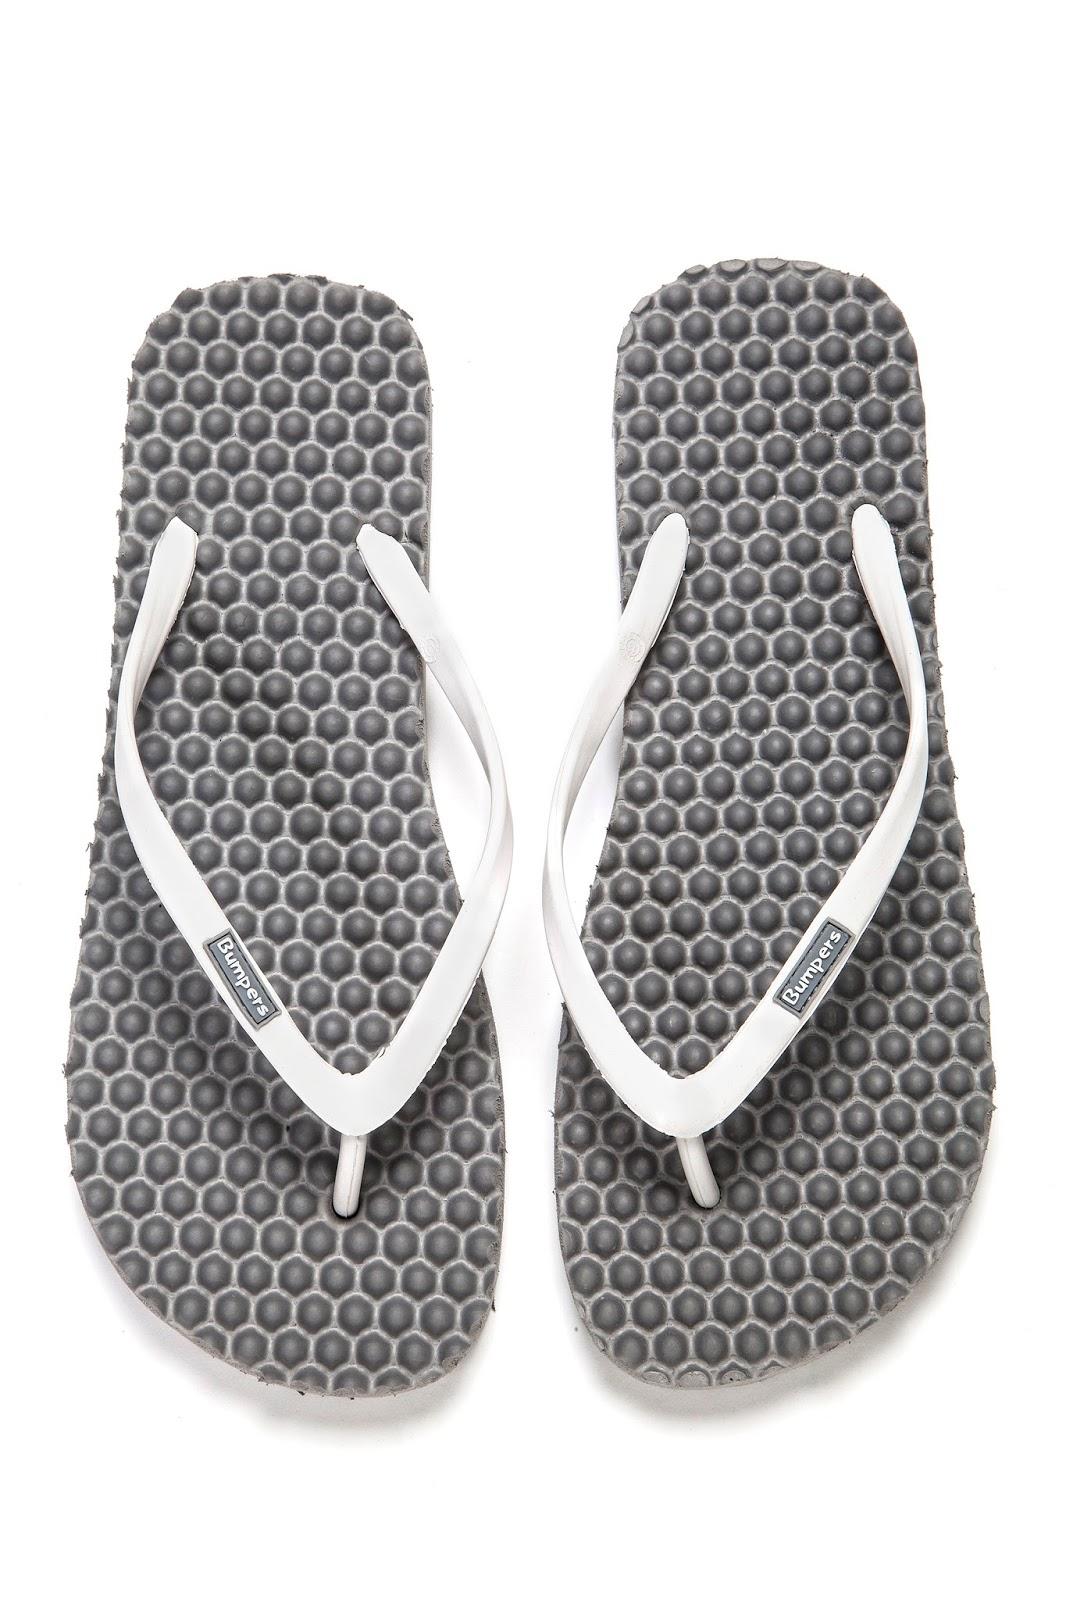 8e17f892ec32 Simple Savings  Bumpers New Women s Slim Massage Flip Flop sandals Review